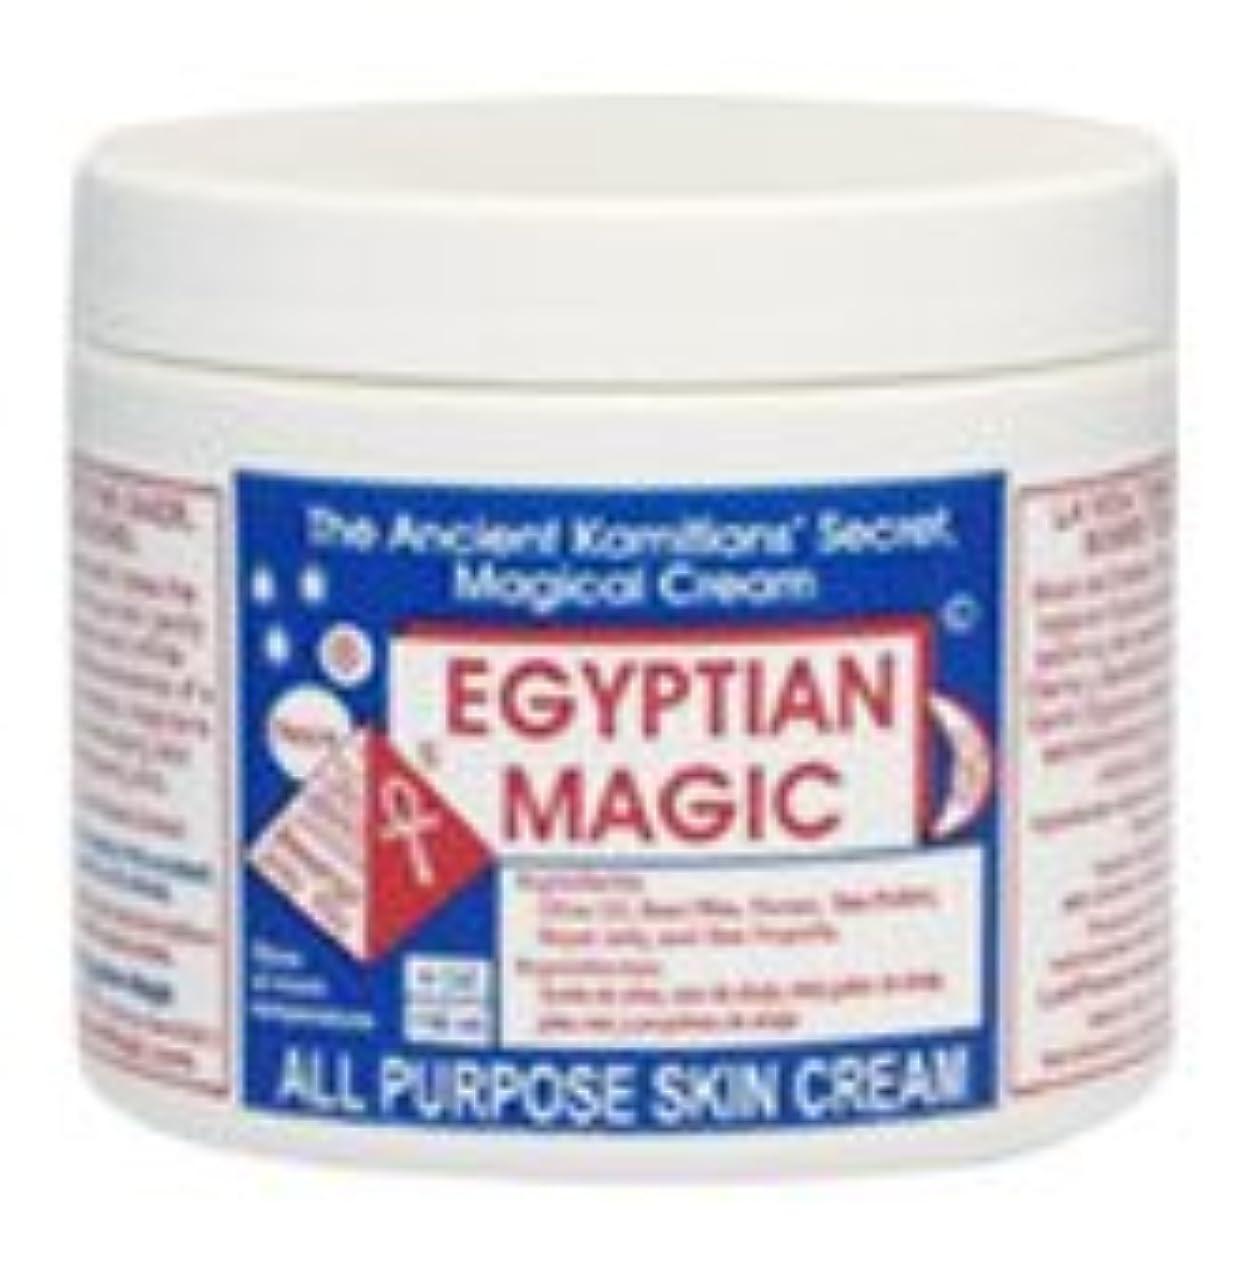 彼女は予感写真撮影【EGYPTIAN Magic(エジプシャン マジック)】 EGYPTIAN MAGIC CREAM マジック クリーム 118ml